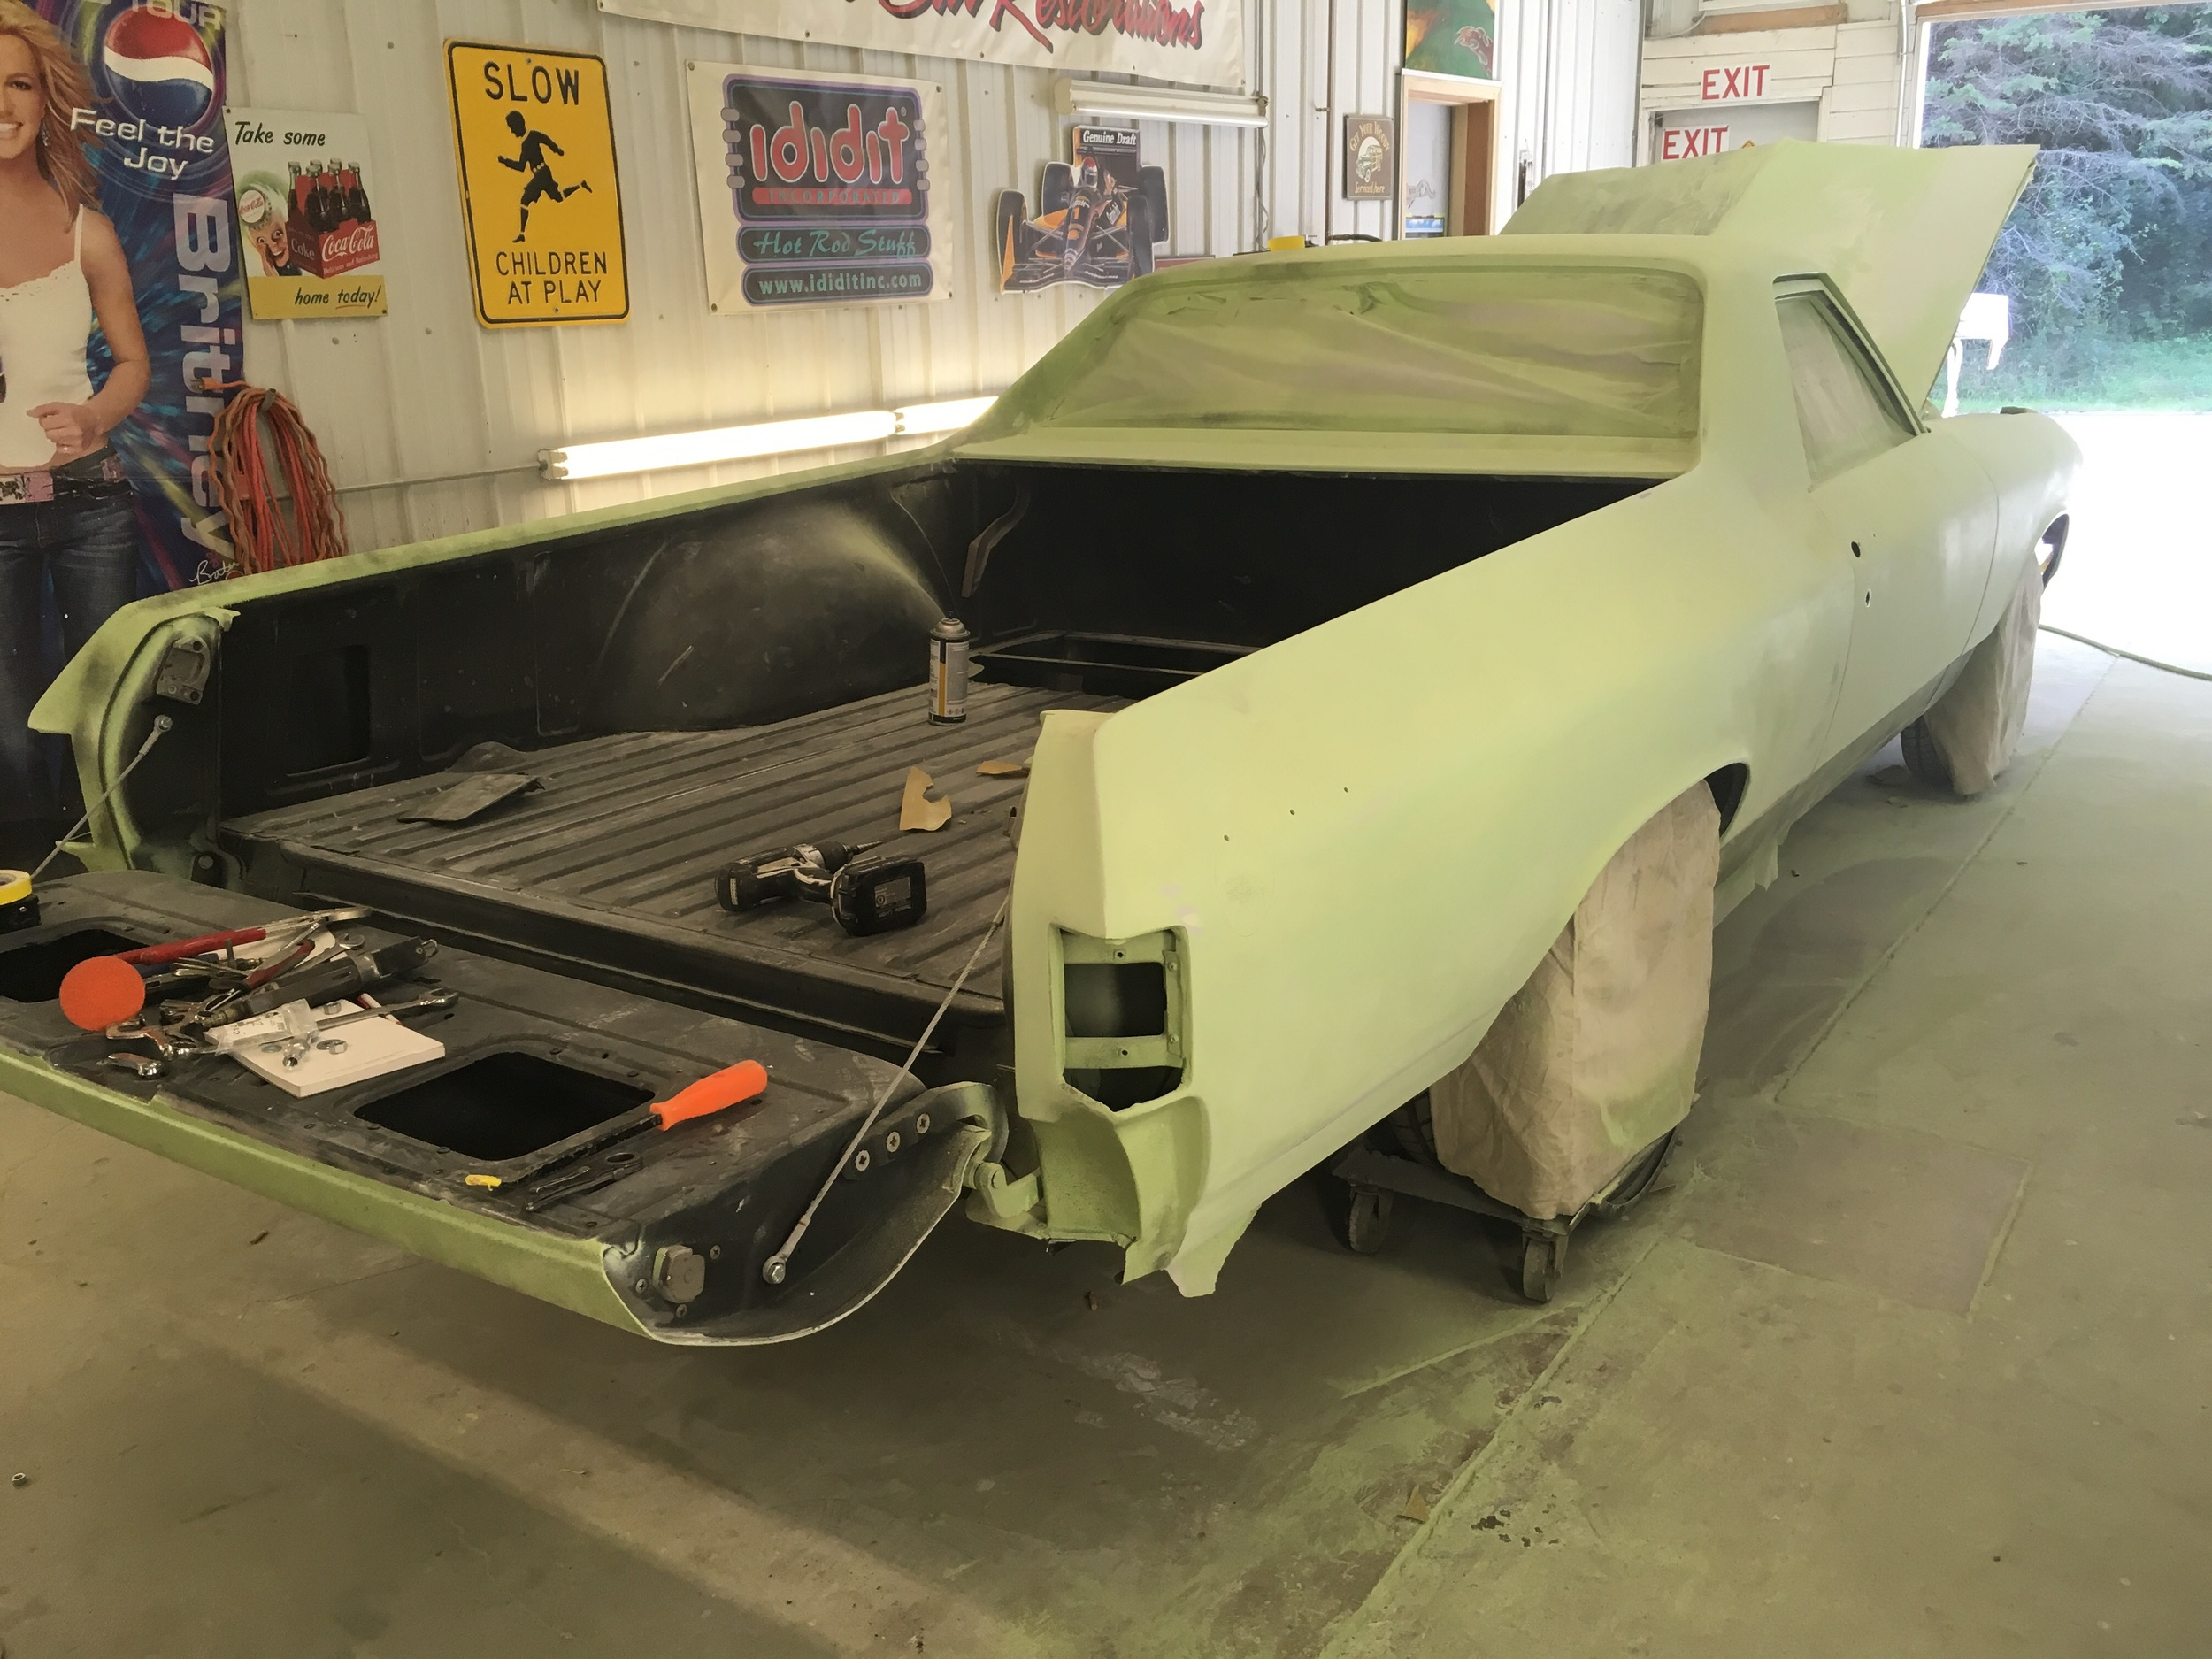 1968-El-Camino-minneapolis-hot-rod-restoration-custom-build-2.jpg